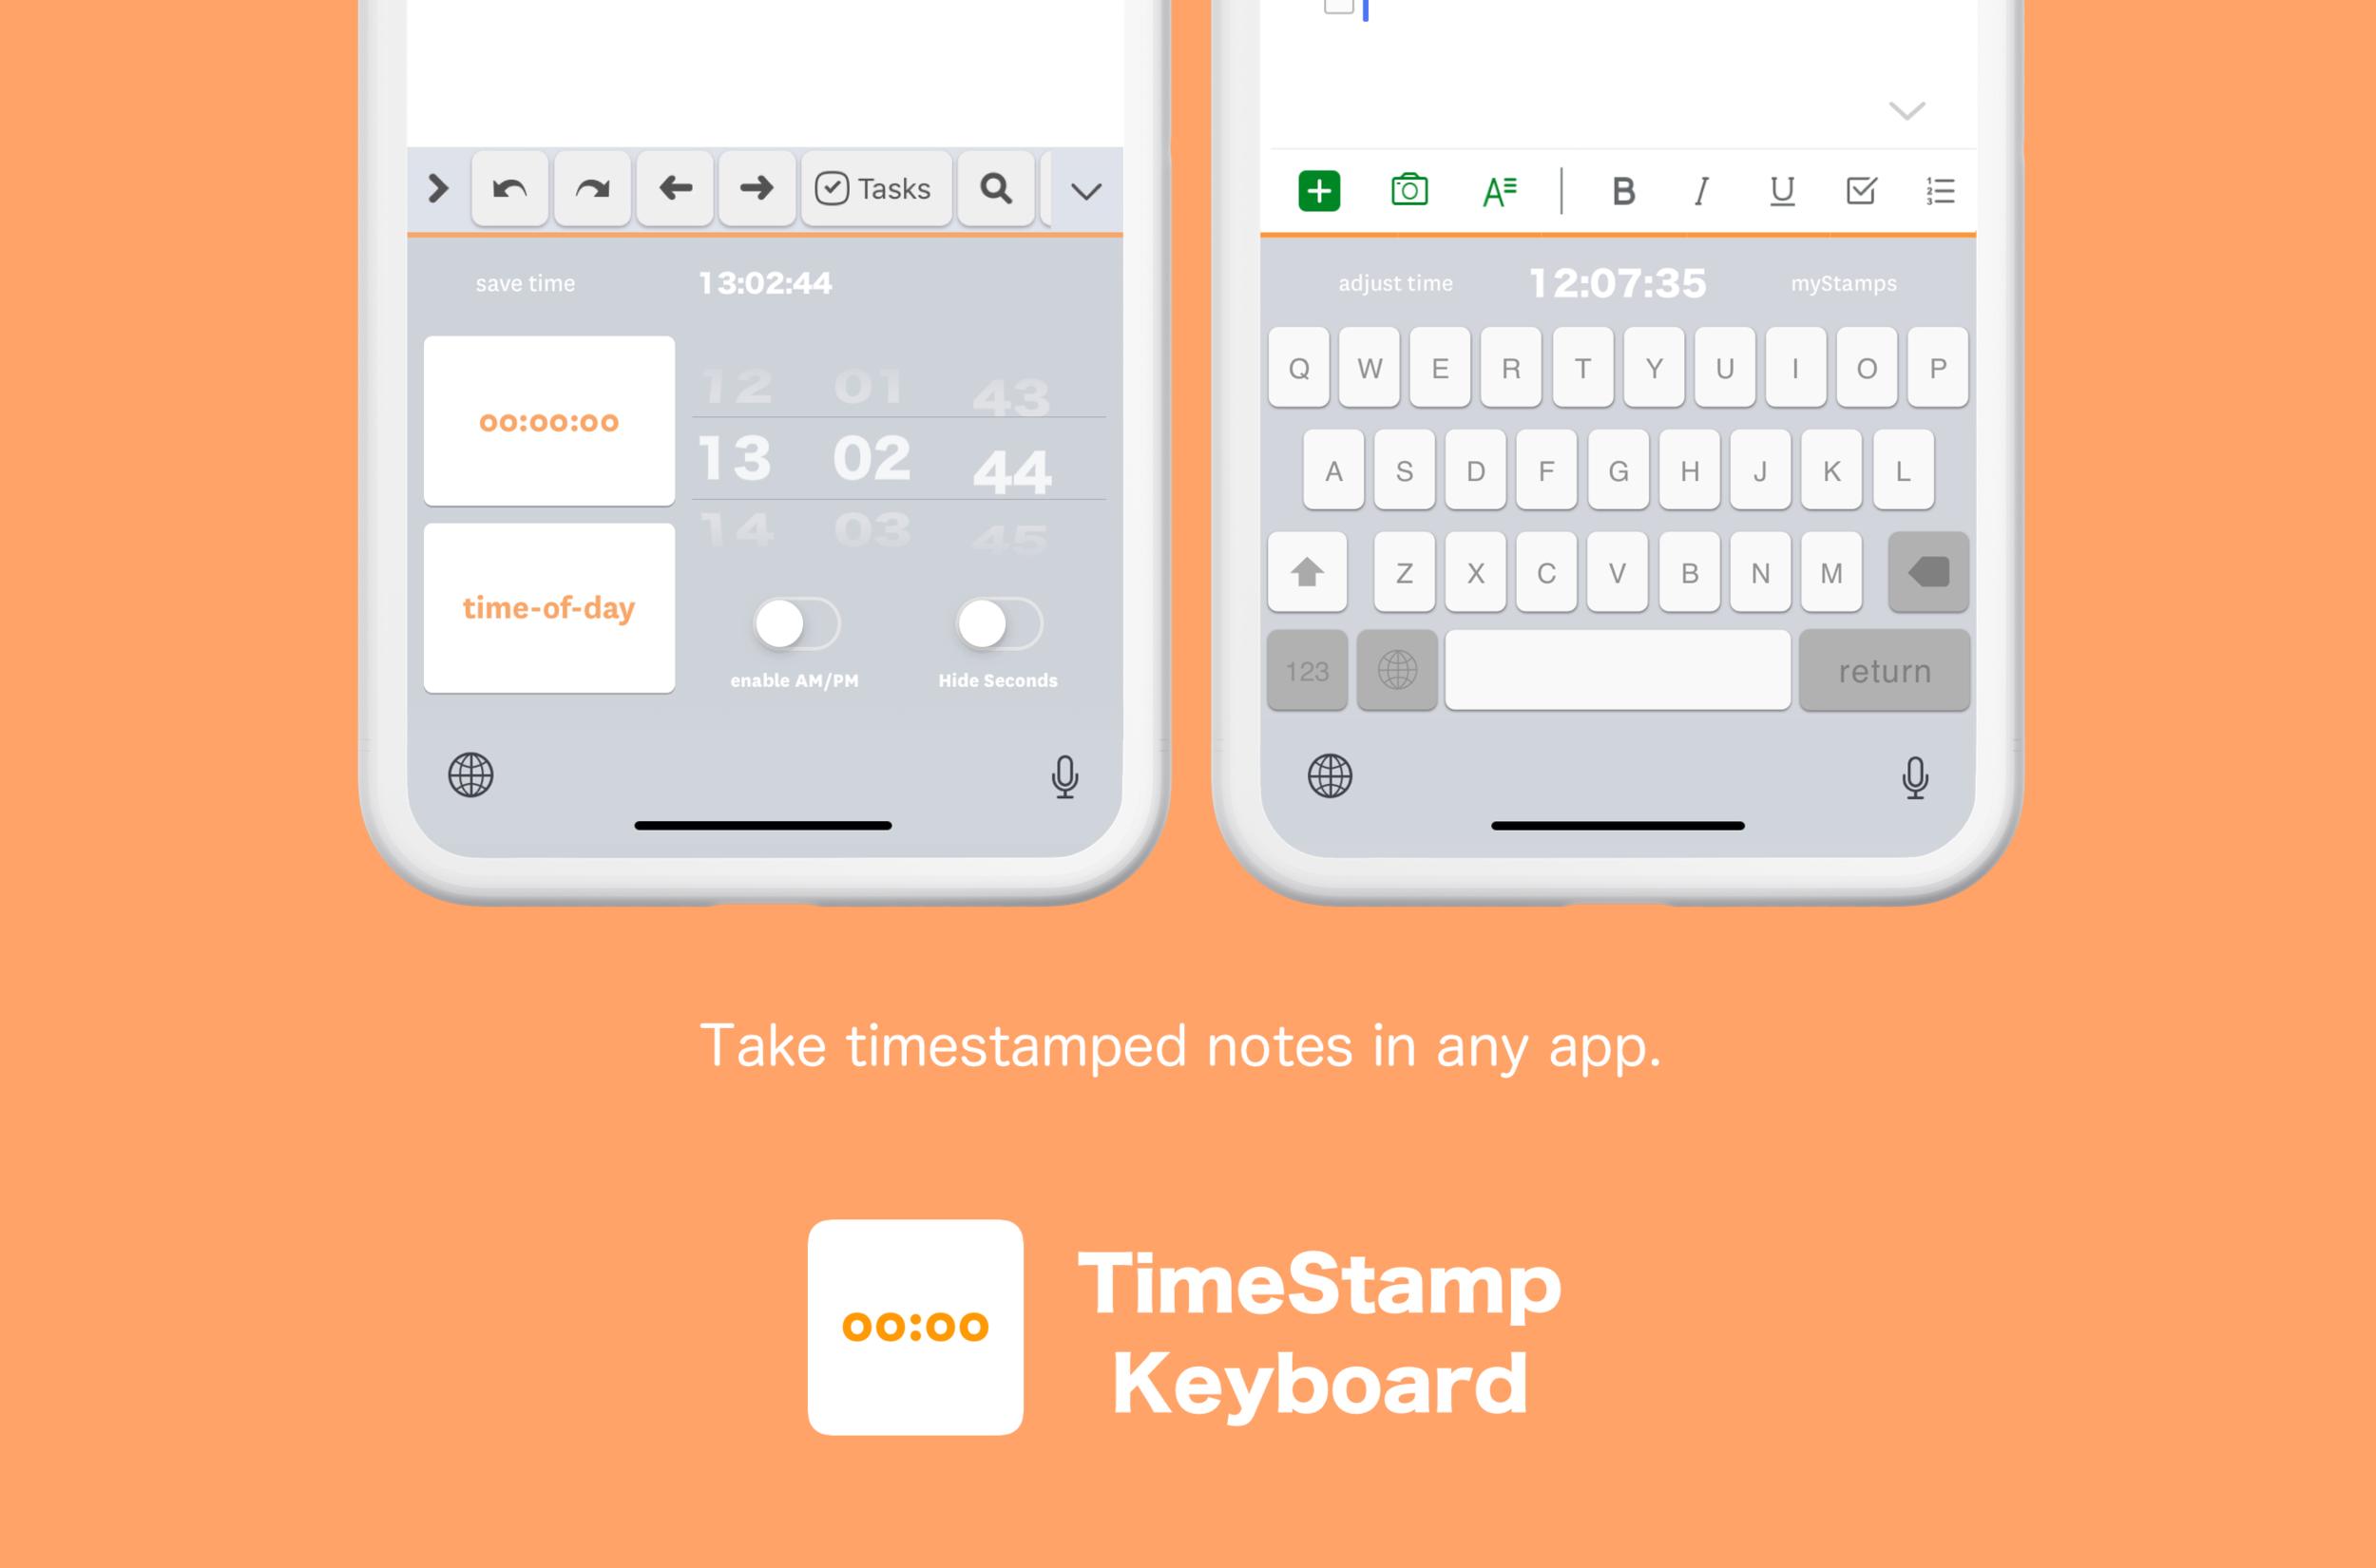 TimeStamp-TopofWebsite.png